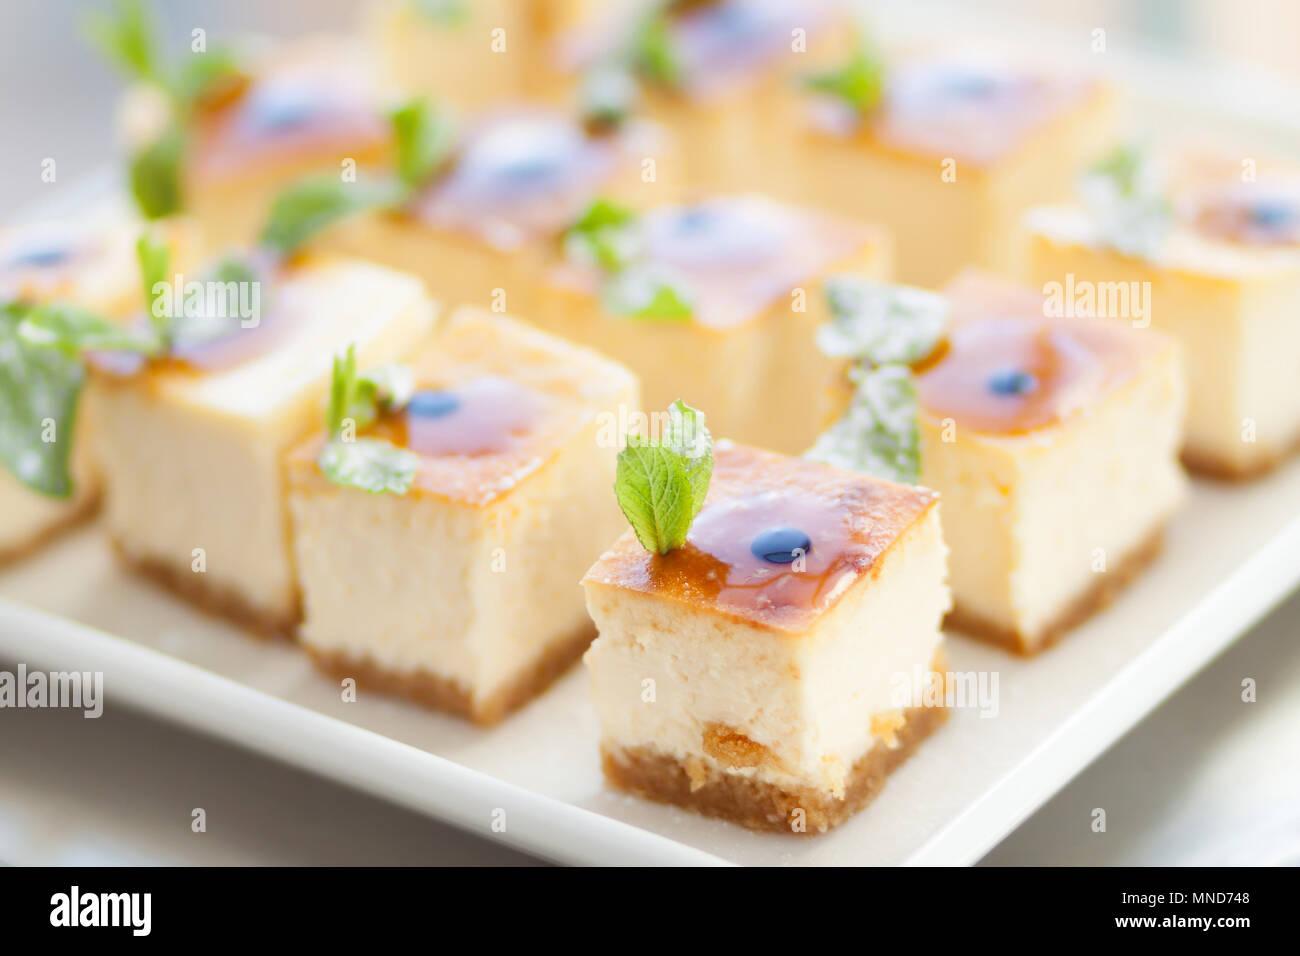 Stuzzicanti cheesecake con foglie di menta. Deliziosi dessert a fette sulla piastra bianca. Immagini Stock